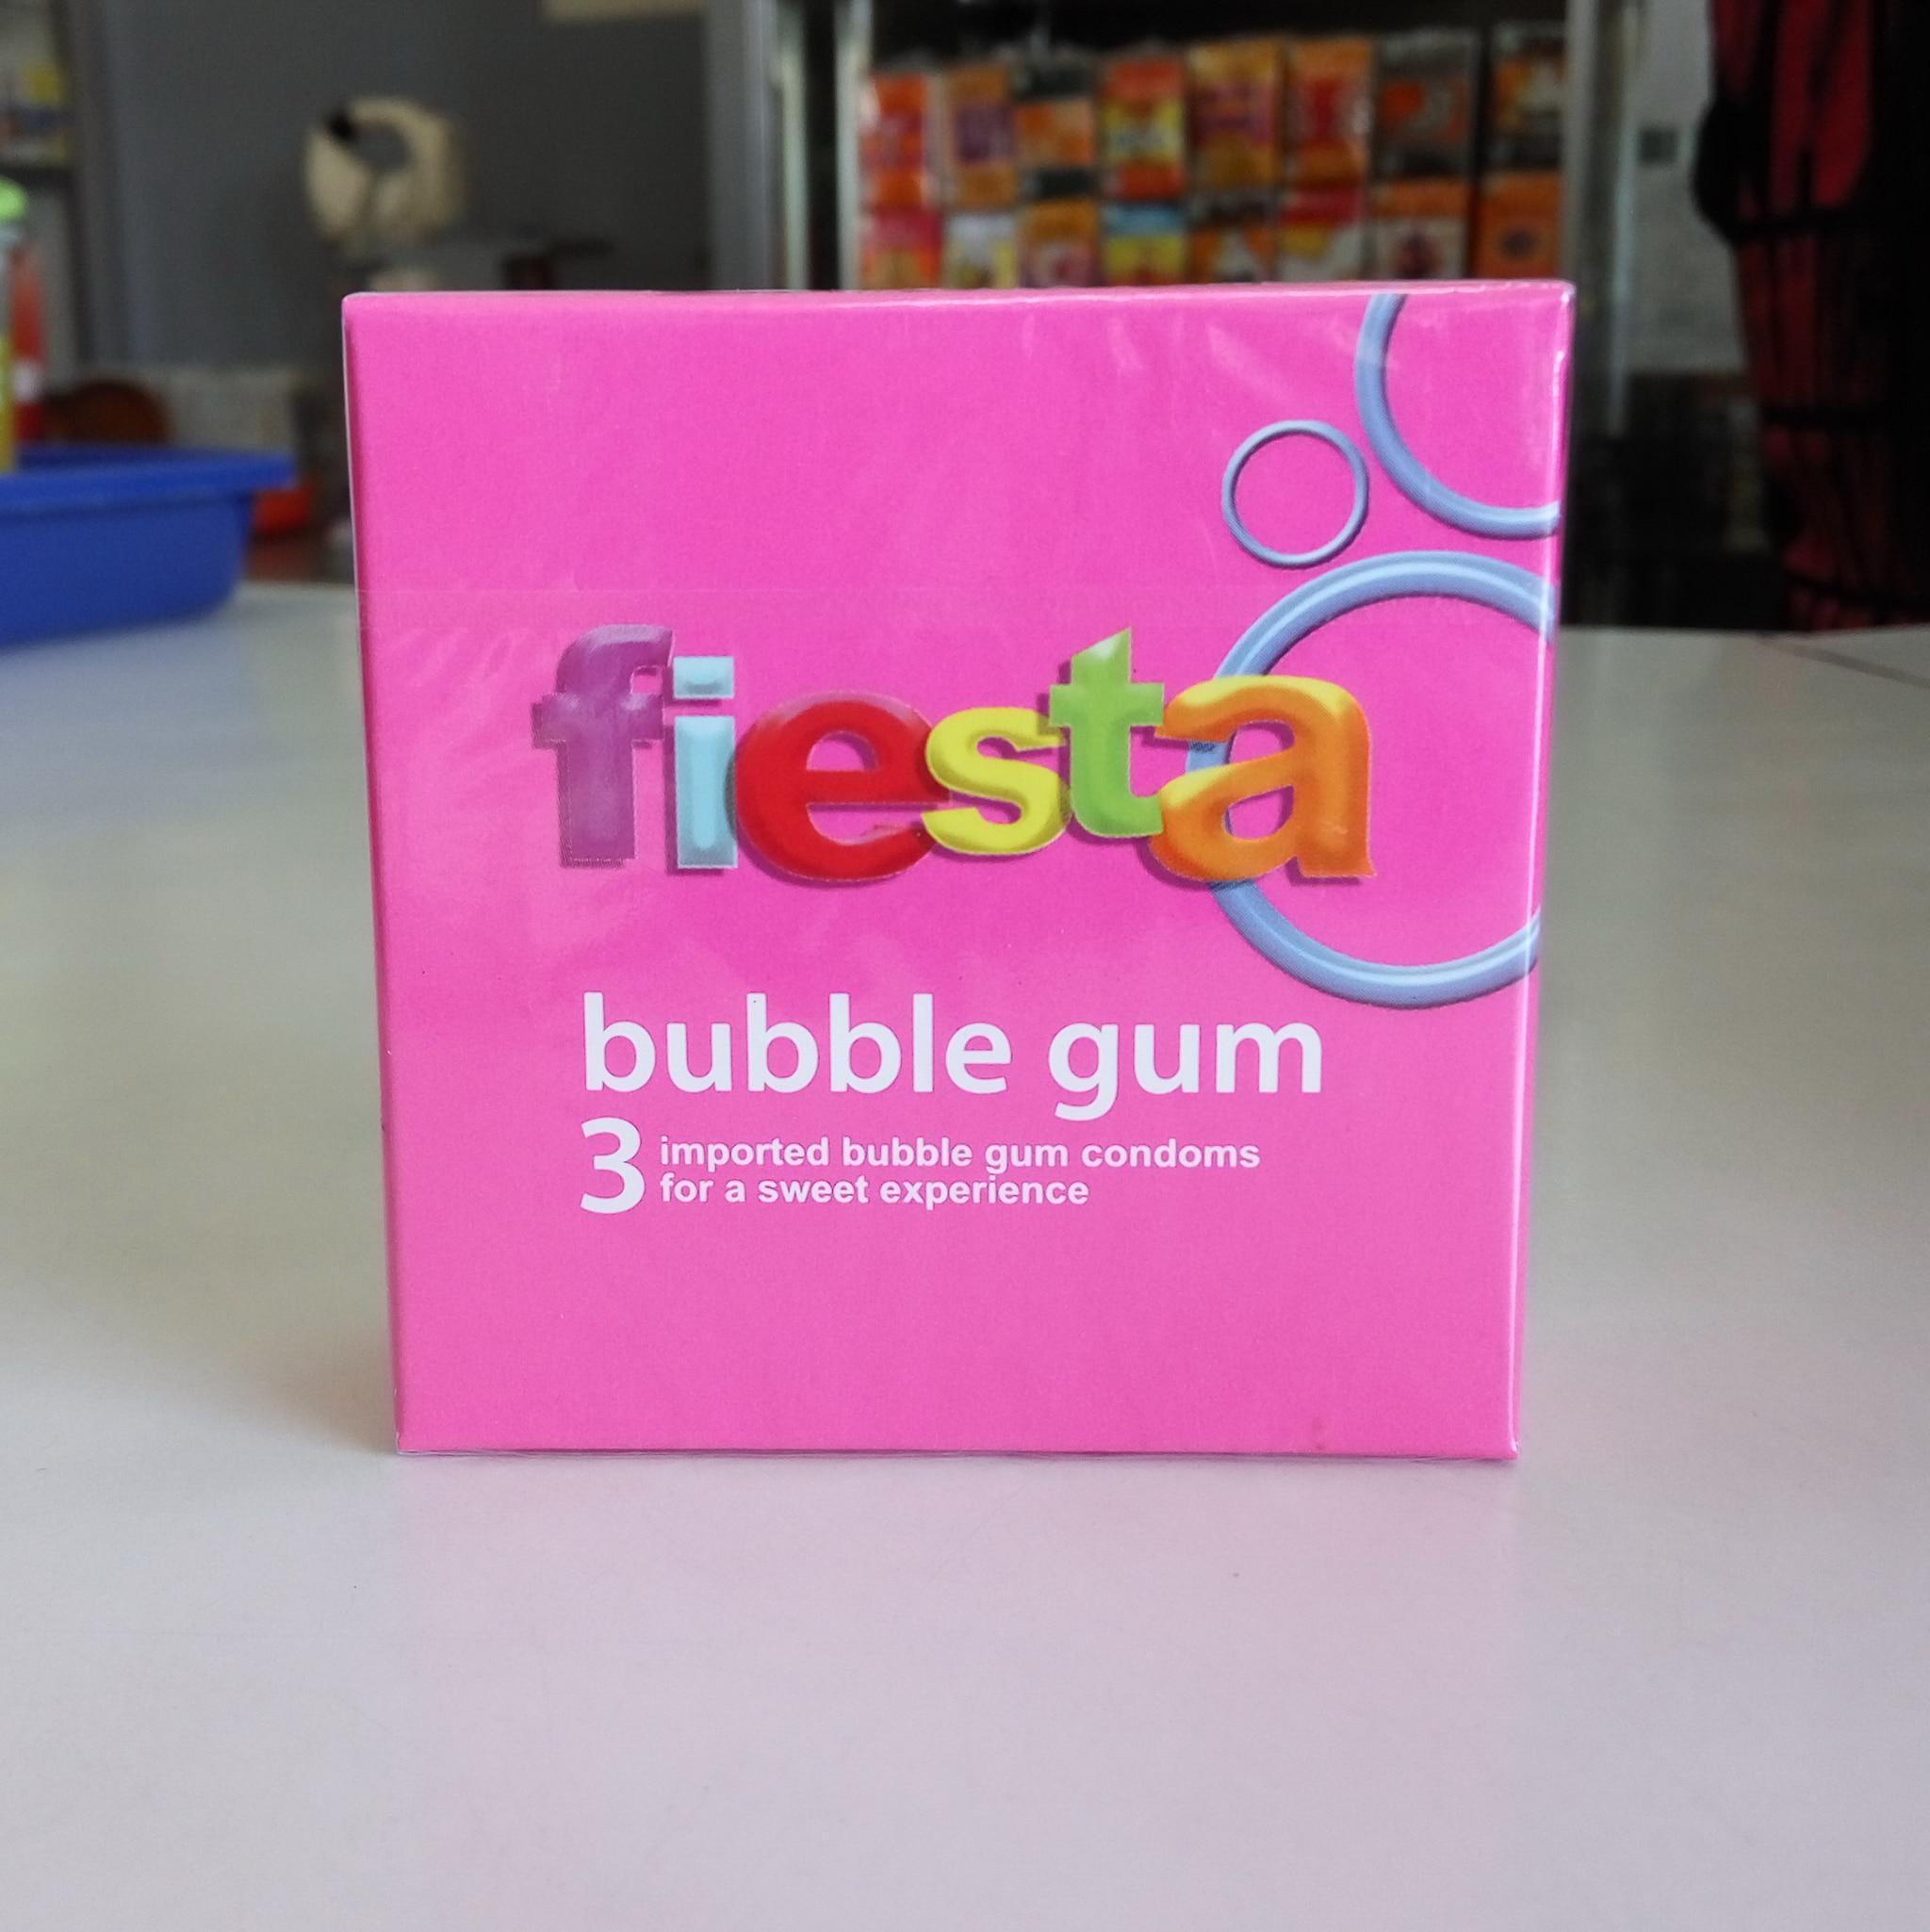 Fiesta Kondom Isi 3 Bublegum Daftar Harga Terkini Dan Terlengkap Durex Pleasuremax Kontrasepsi Jual Bubble Gum